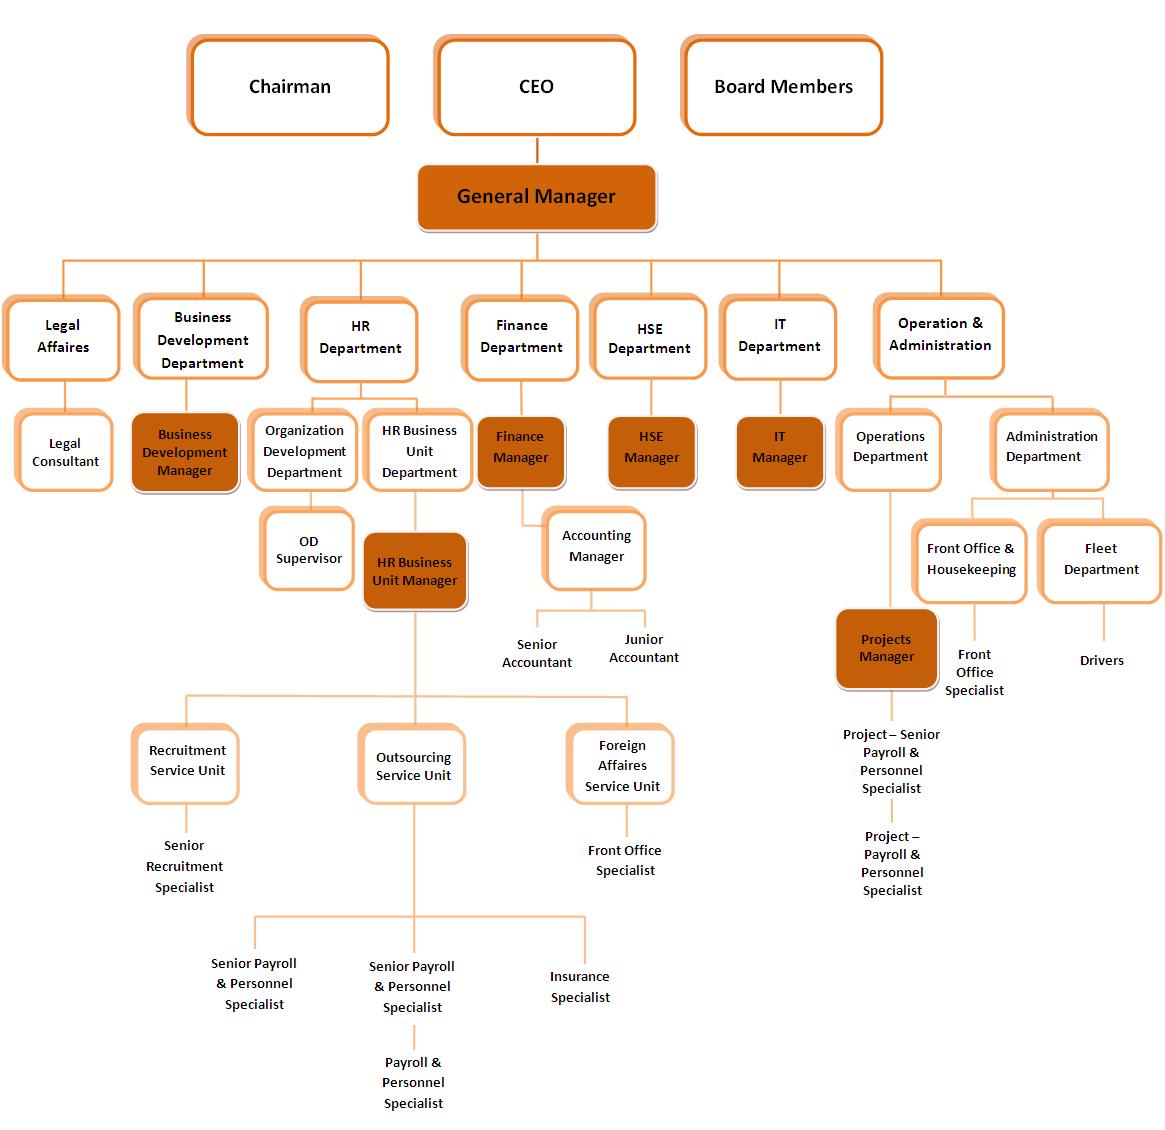 gps_organization_chart_2